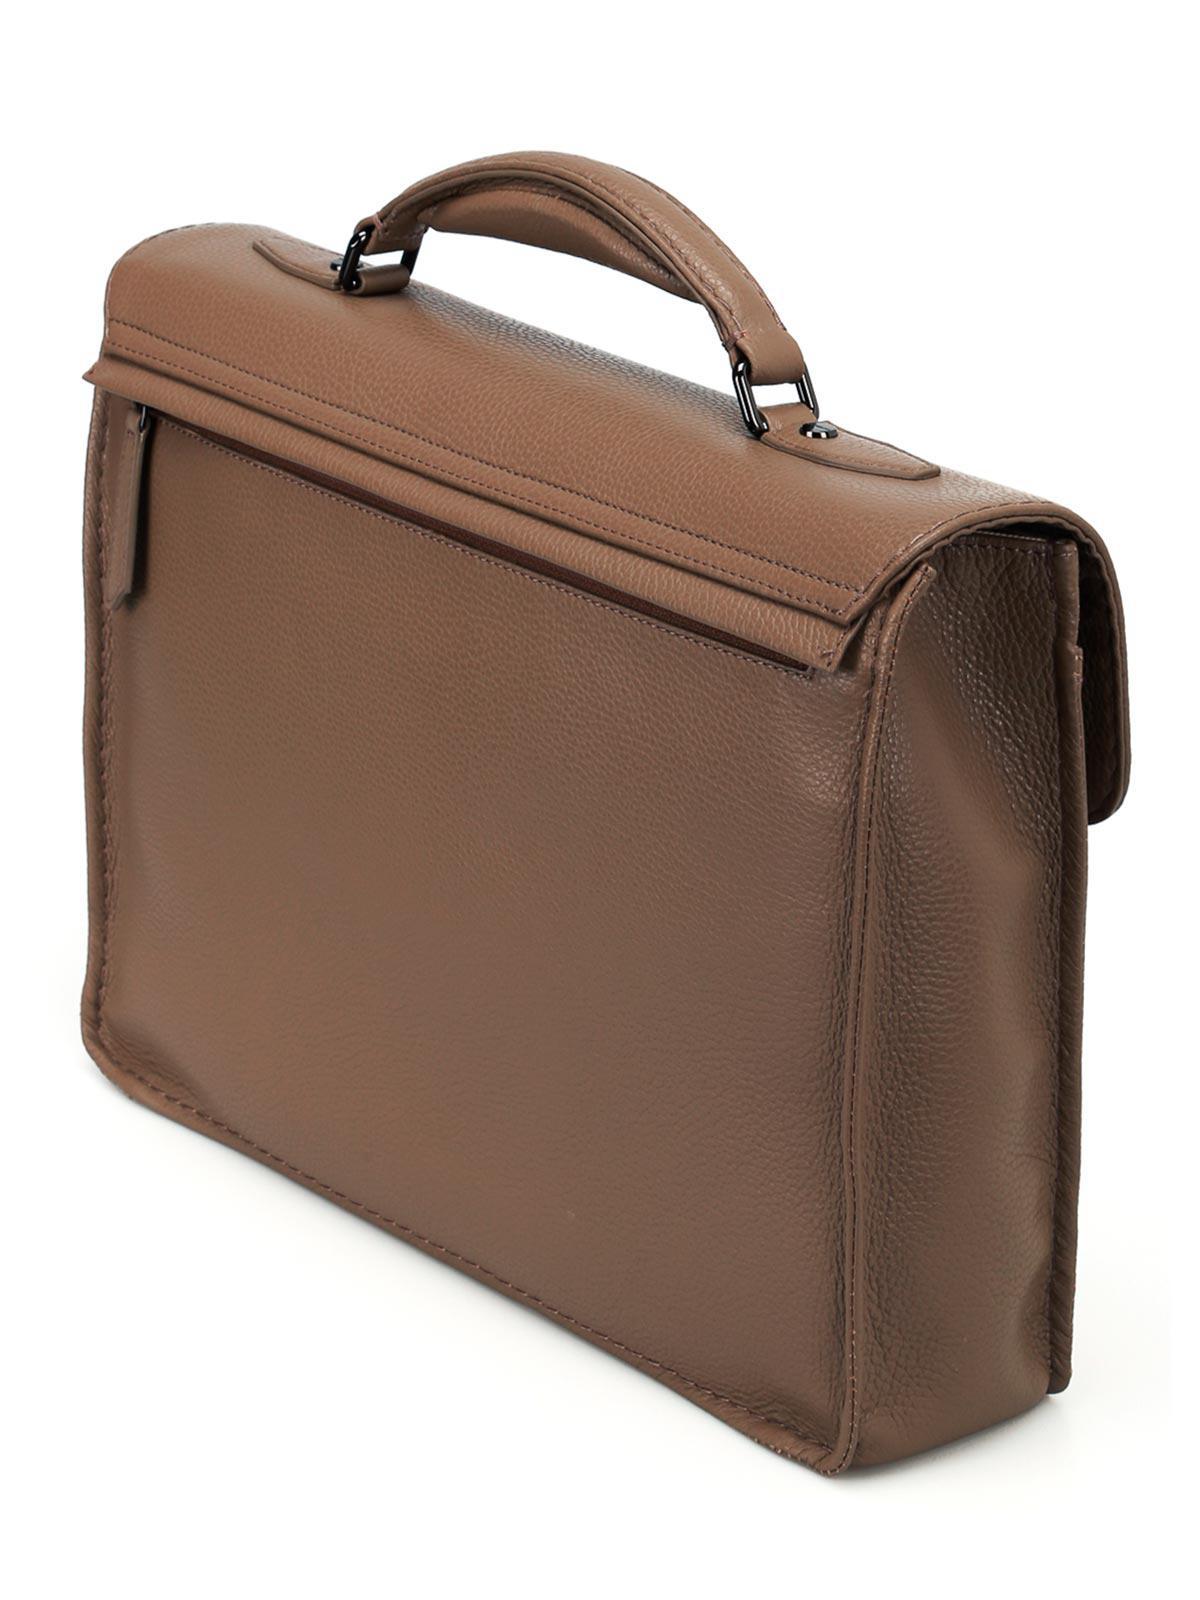 Zanellato Mestro Dollarone taupe briefcase iAQNfax1bX